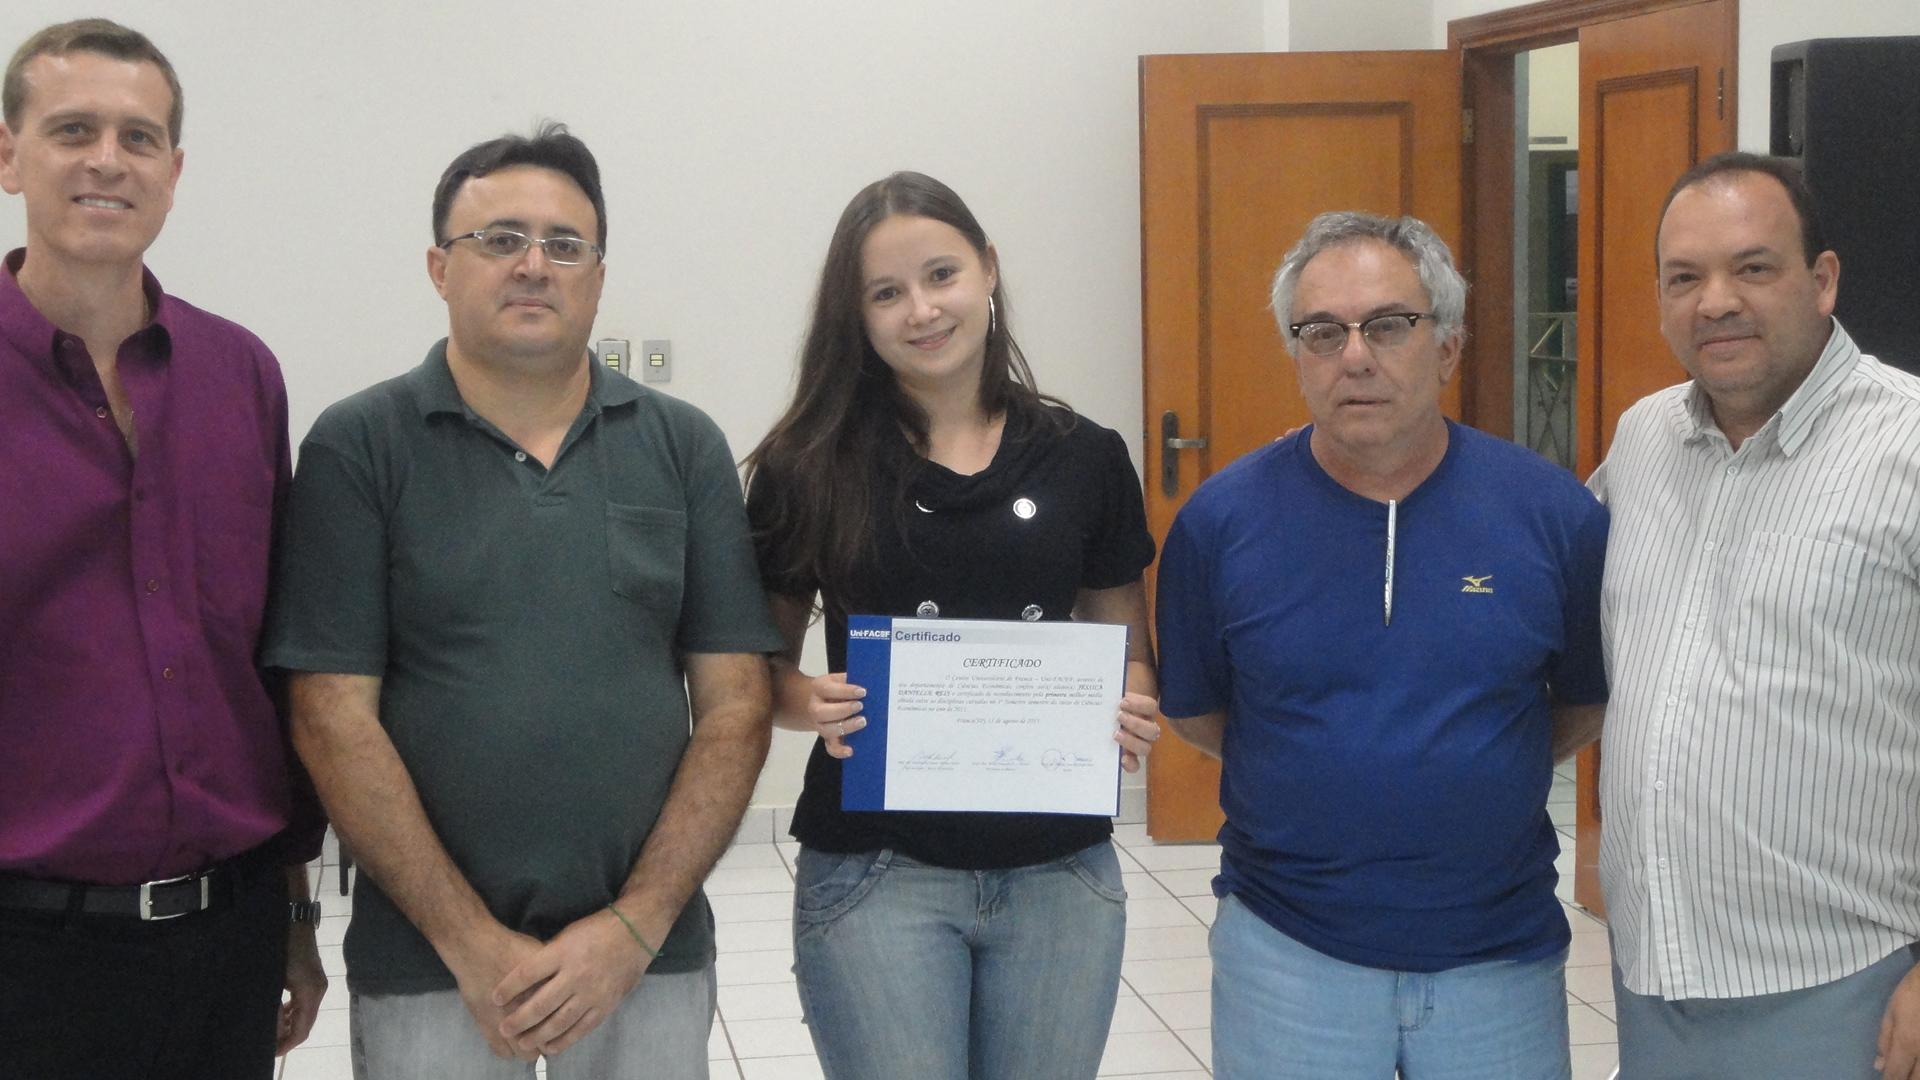 RELAÇÃO DOS MELHORES ALUNOS PRIMEIRO SEMESTRE DE 2011 CURSO DE CIÊNCIAS ECONÔMICAS